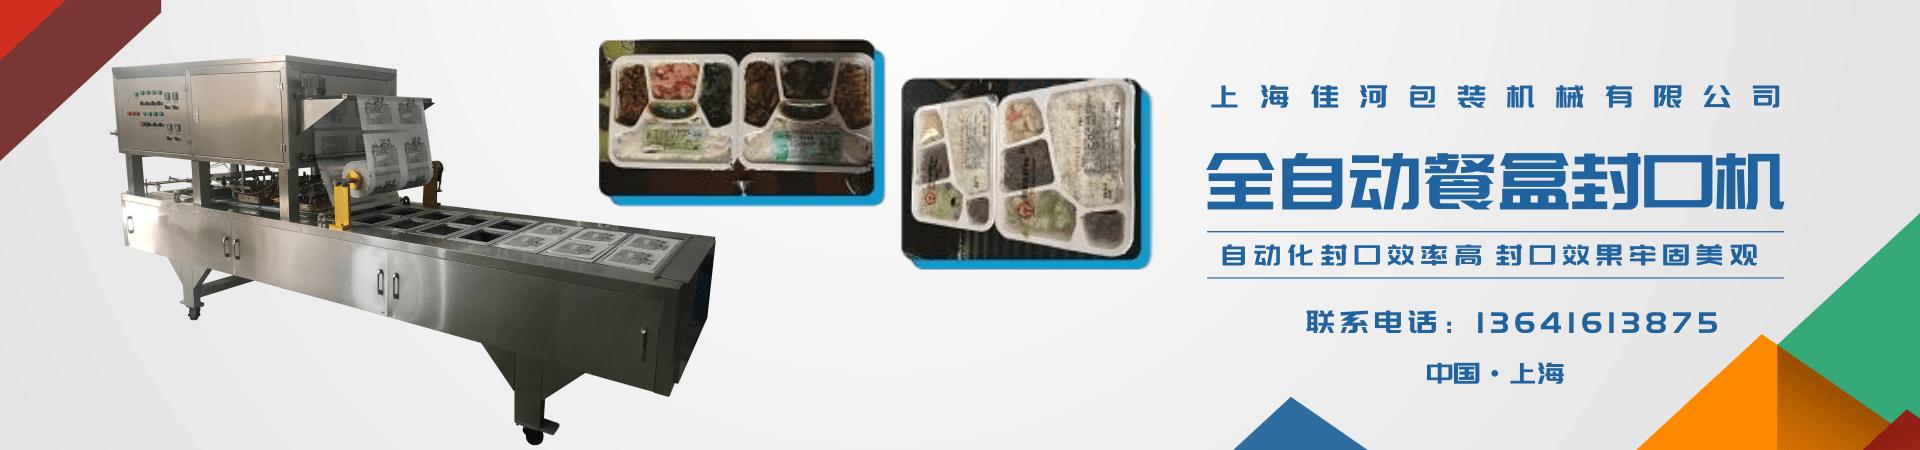 全自动餐盒封口机